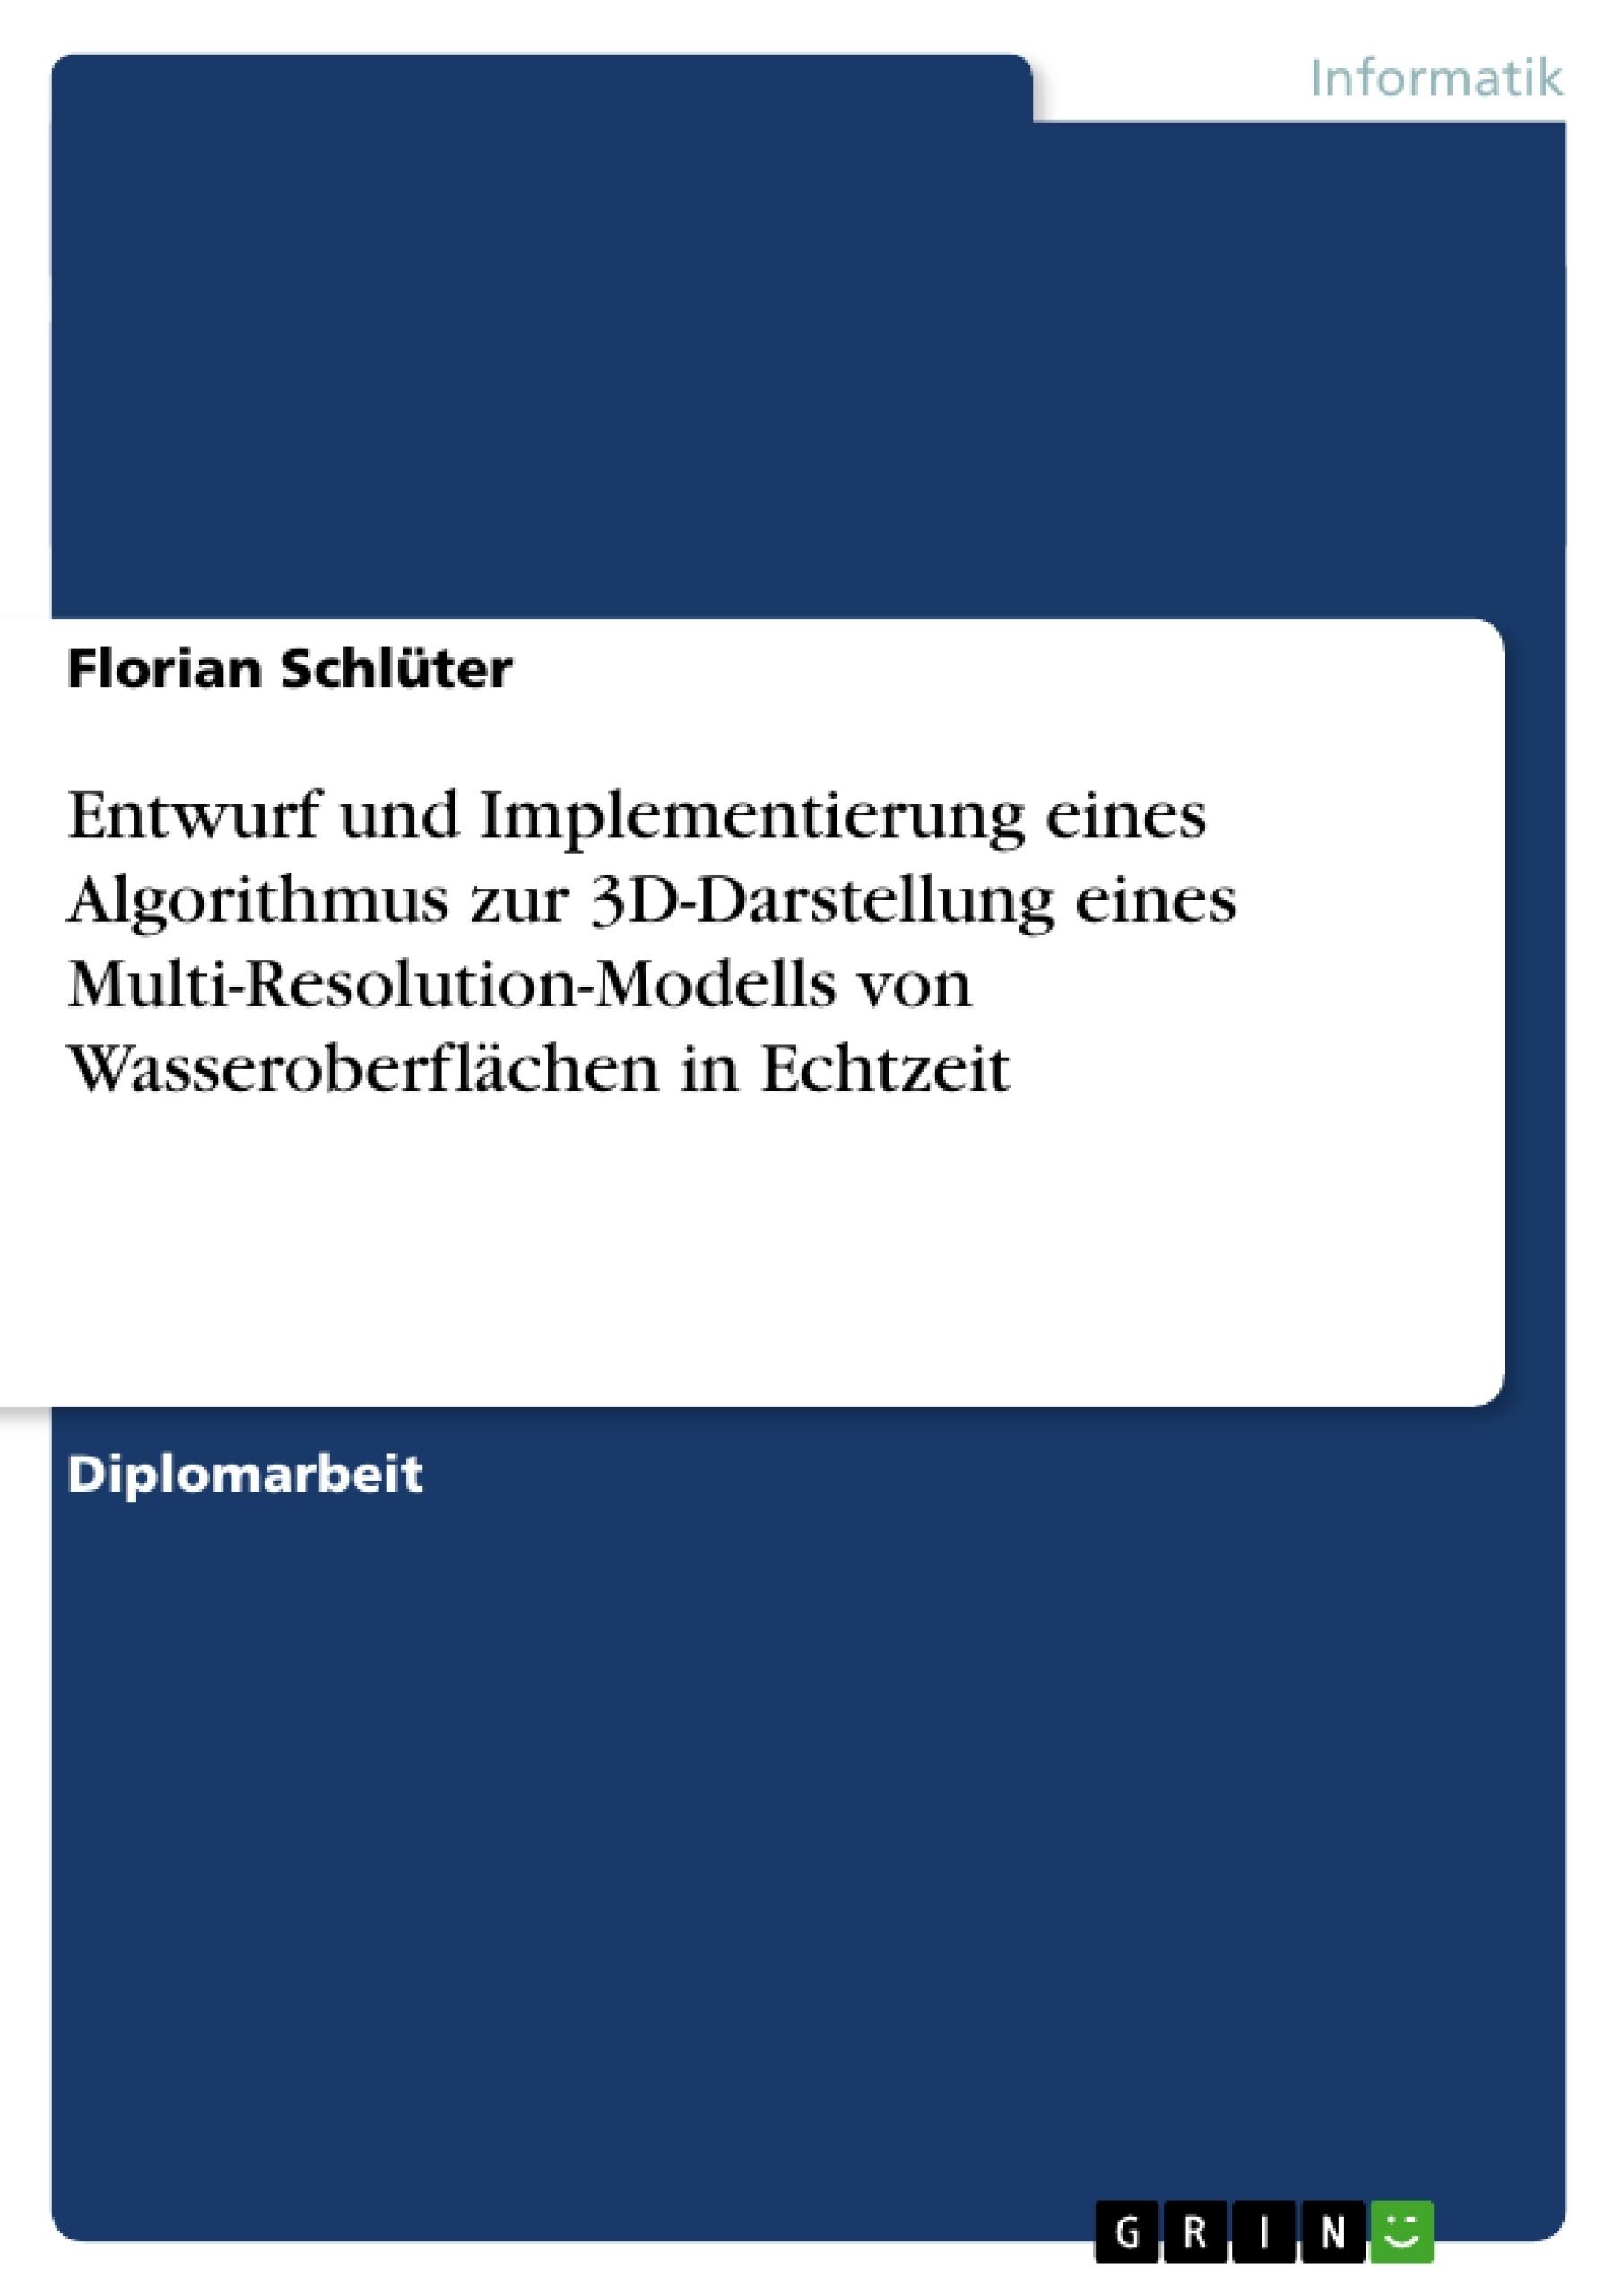 Titel: Entwurf und Implementierung eines Algorithmus zur 3D-Darstellung eines Multi-Resolution-Modells von Wasseroberflächen in Echtzeit